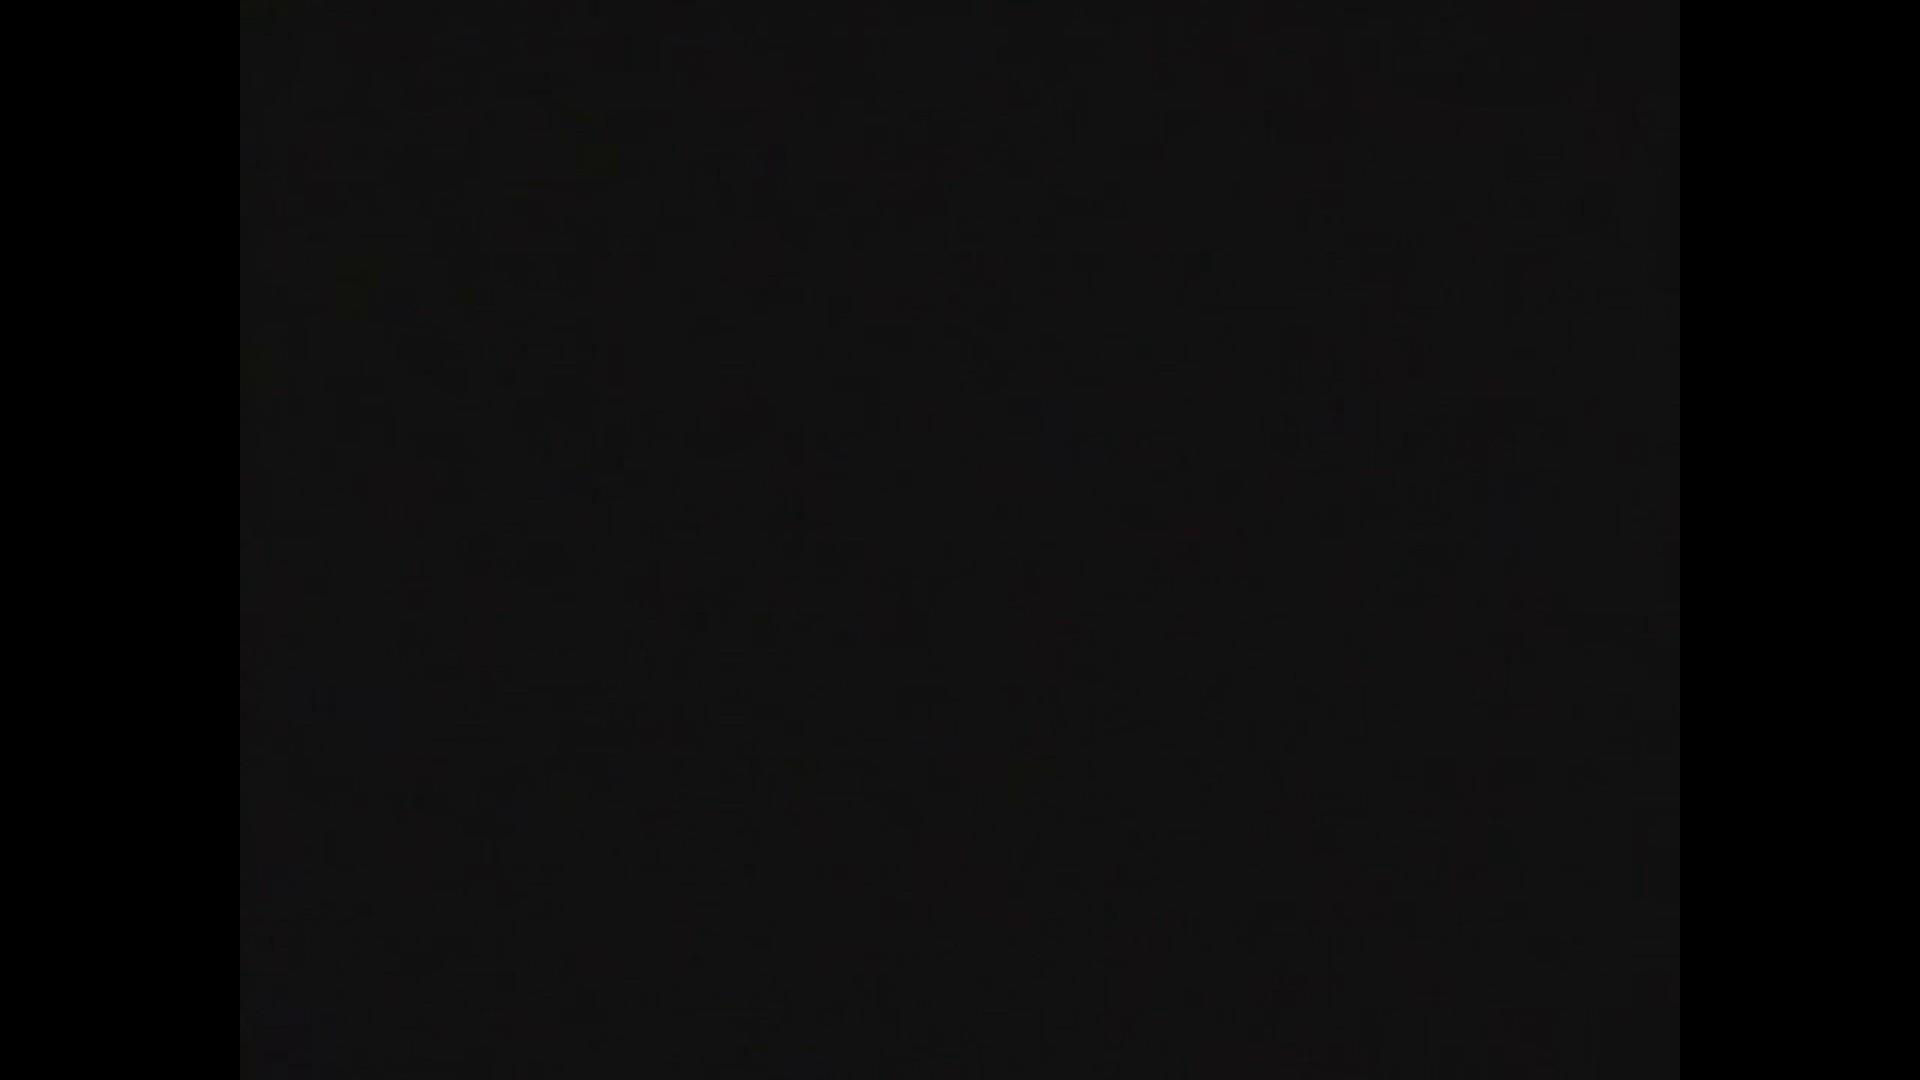 突然ですがしゃぶらせてください Vol.5 フェラ ゲイ素人エロ画像 88枚 16